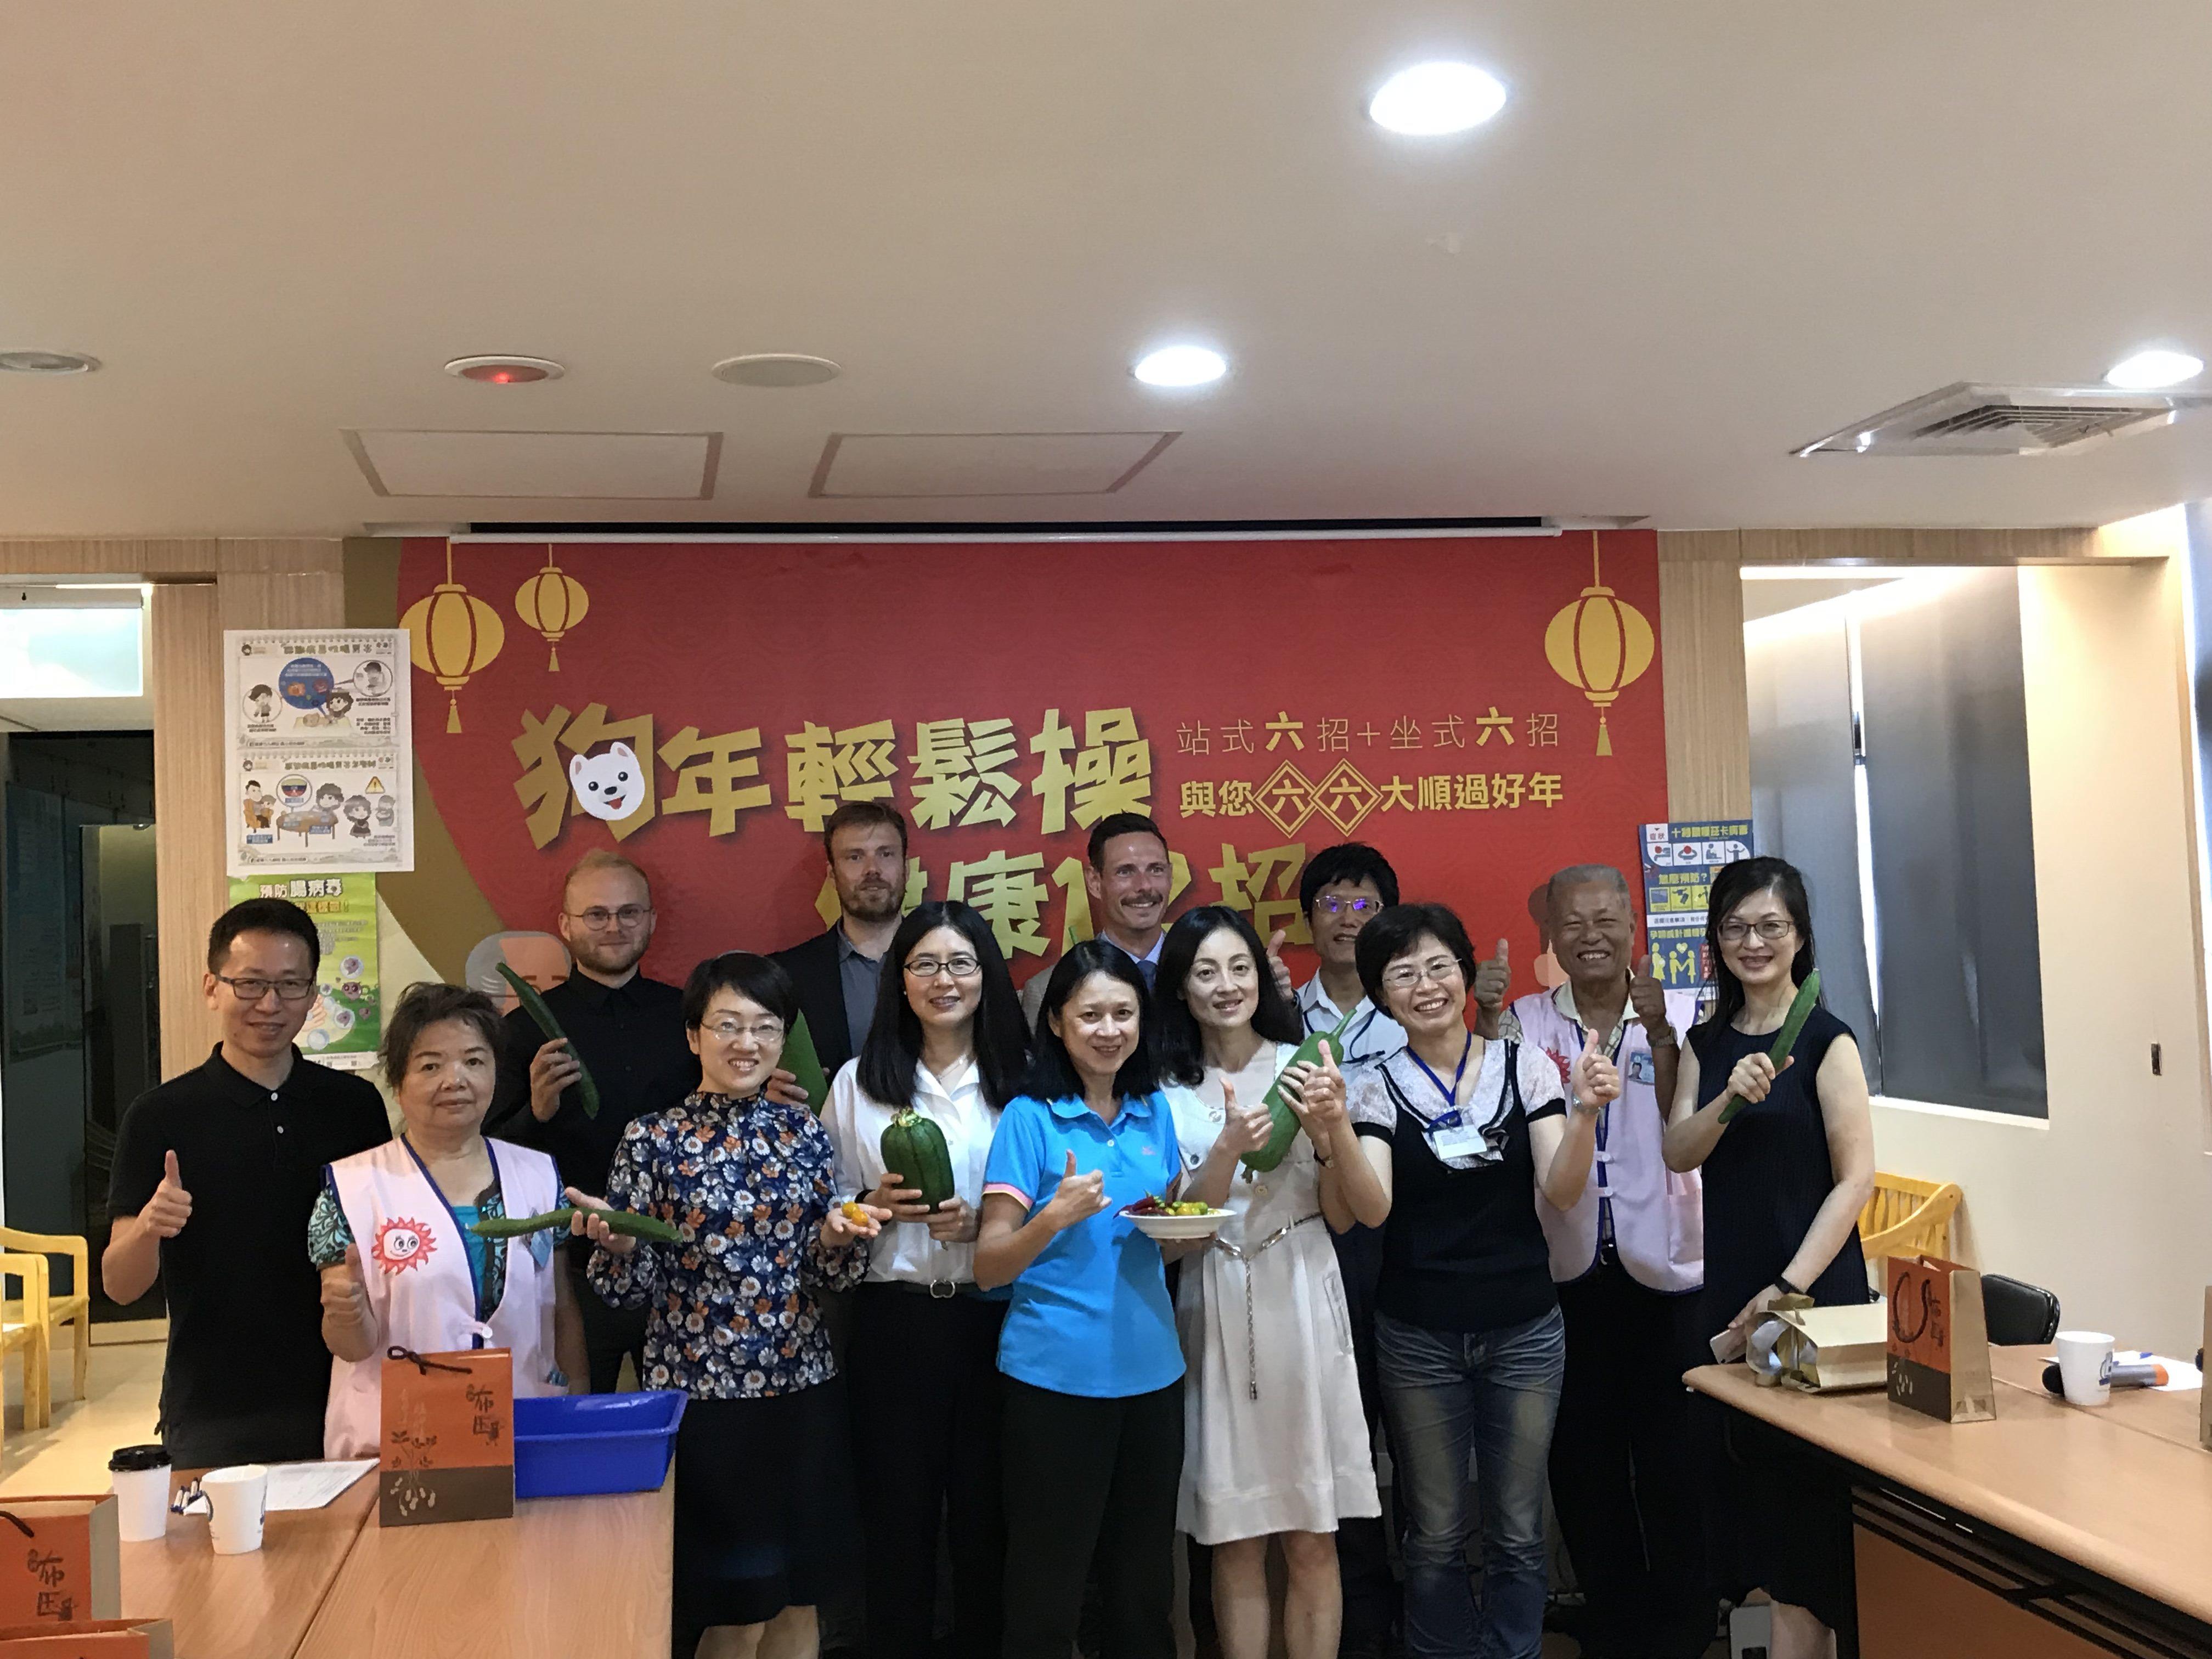 1070612丹麥商務辦事處偕同丹麥外交部駐北京大使館的健康與生命科學團隊